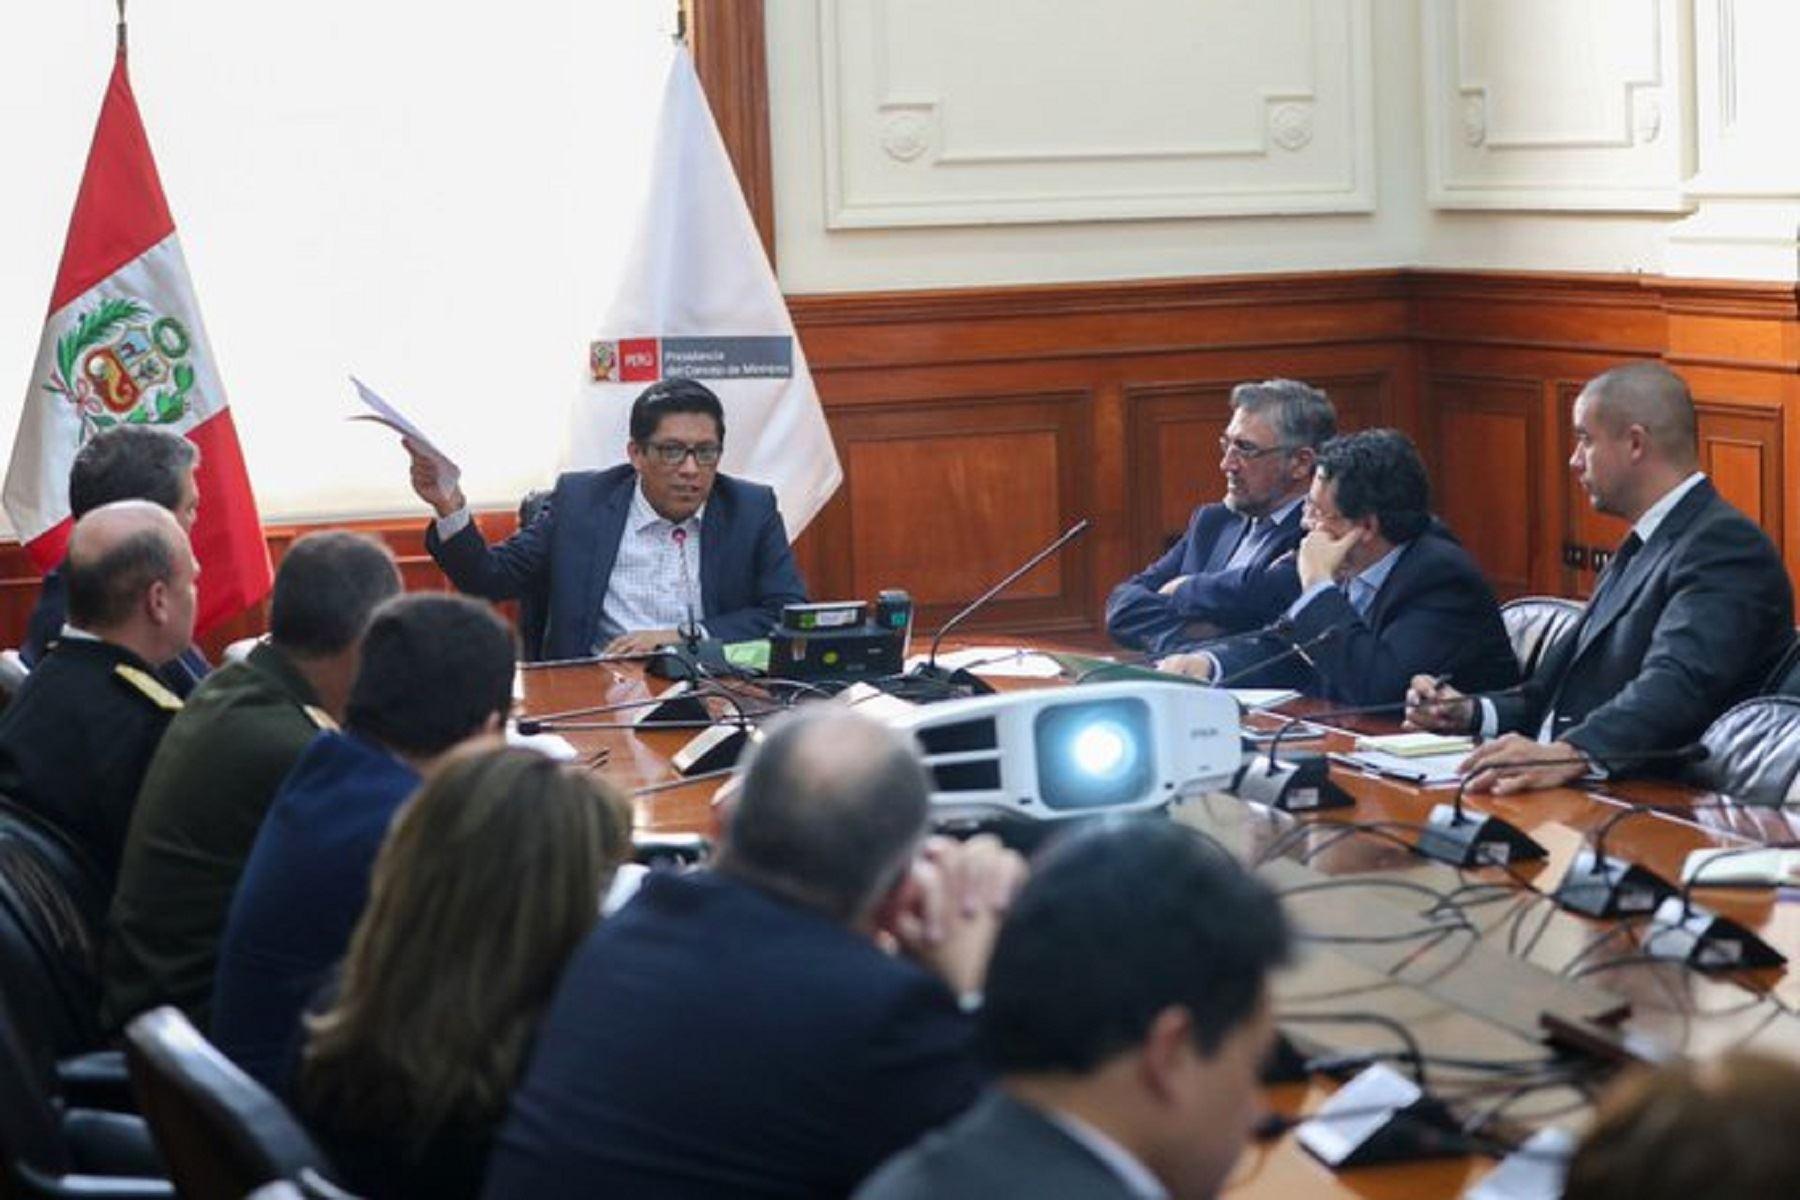 Presidente del Consejo de Ministros, Vicente Zeballos, instala mesa técnica para acciones del Estado en desarrollo alternativo. Foto: Difusión.